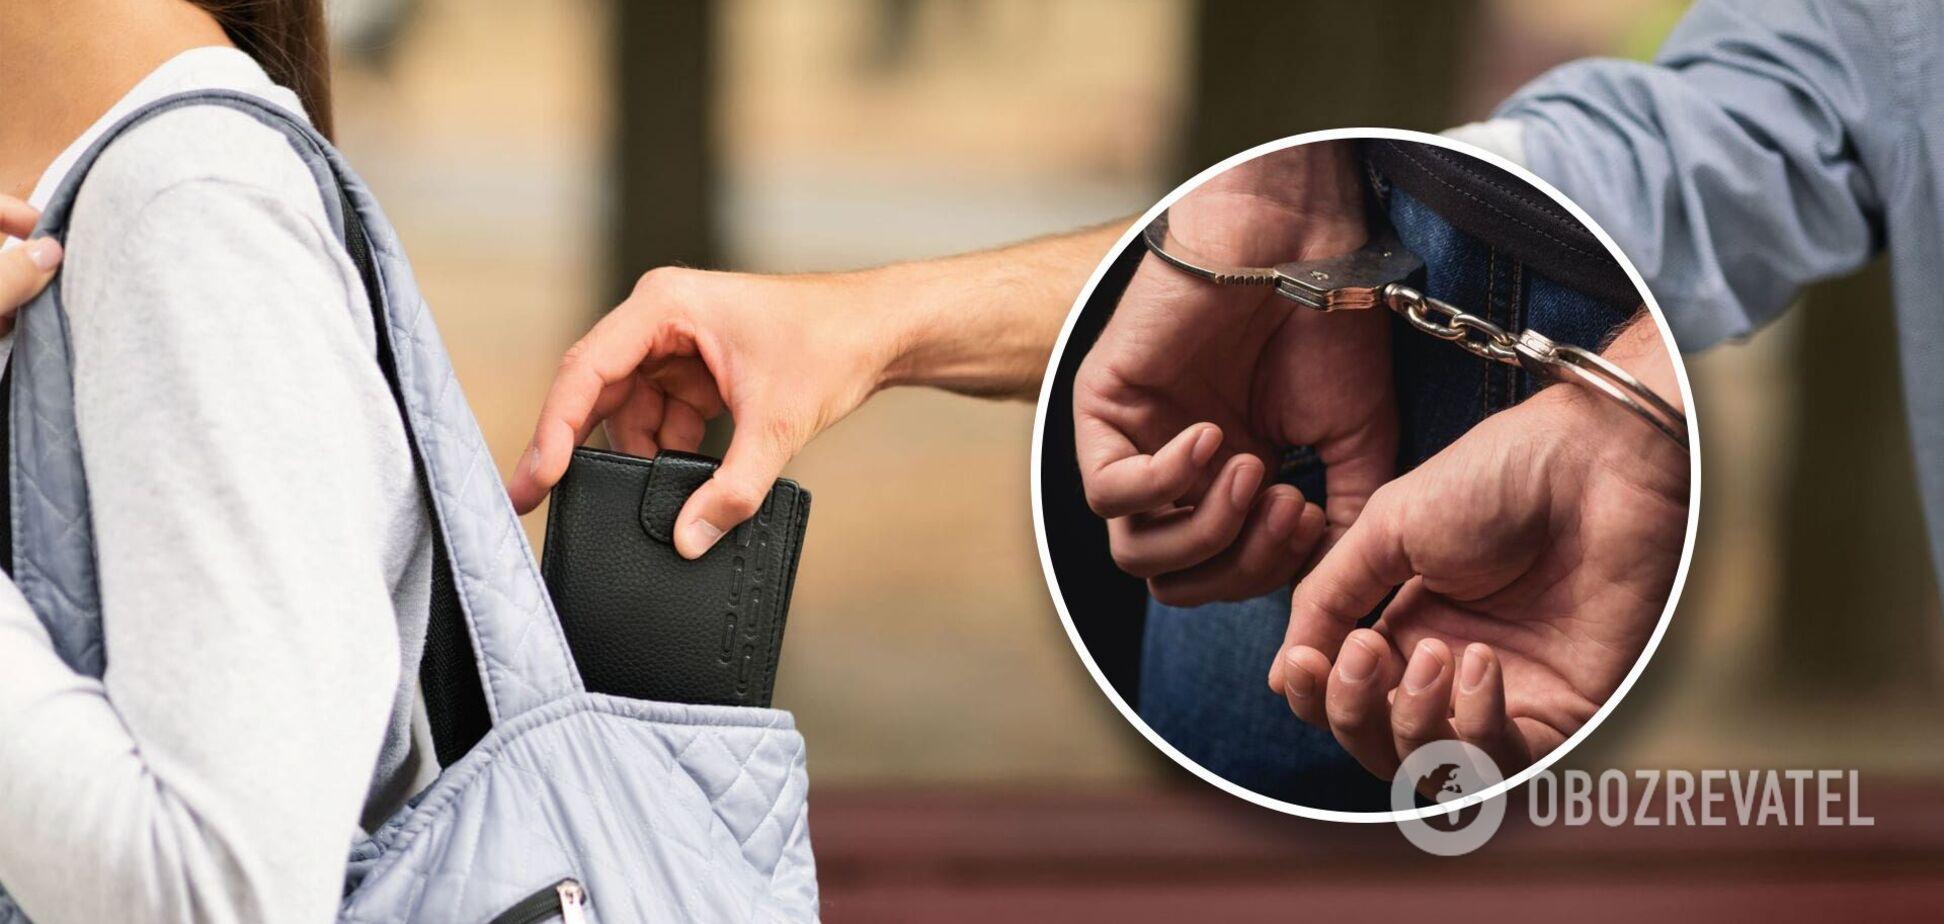 Больше всего преступлений совершалось в двух районах столицы